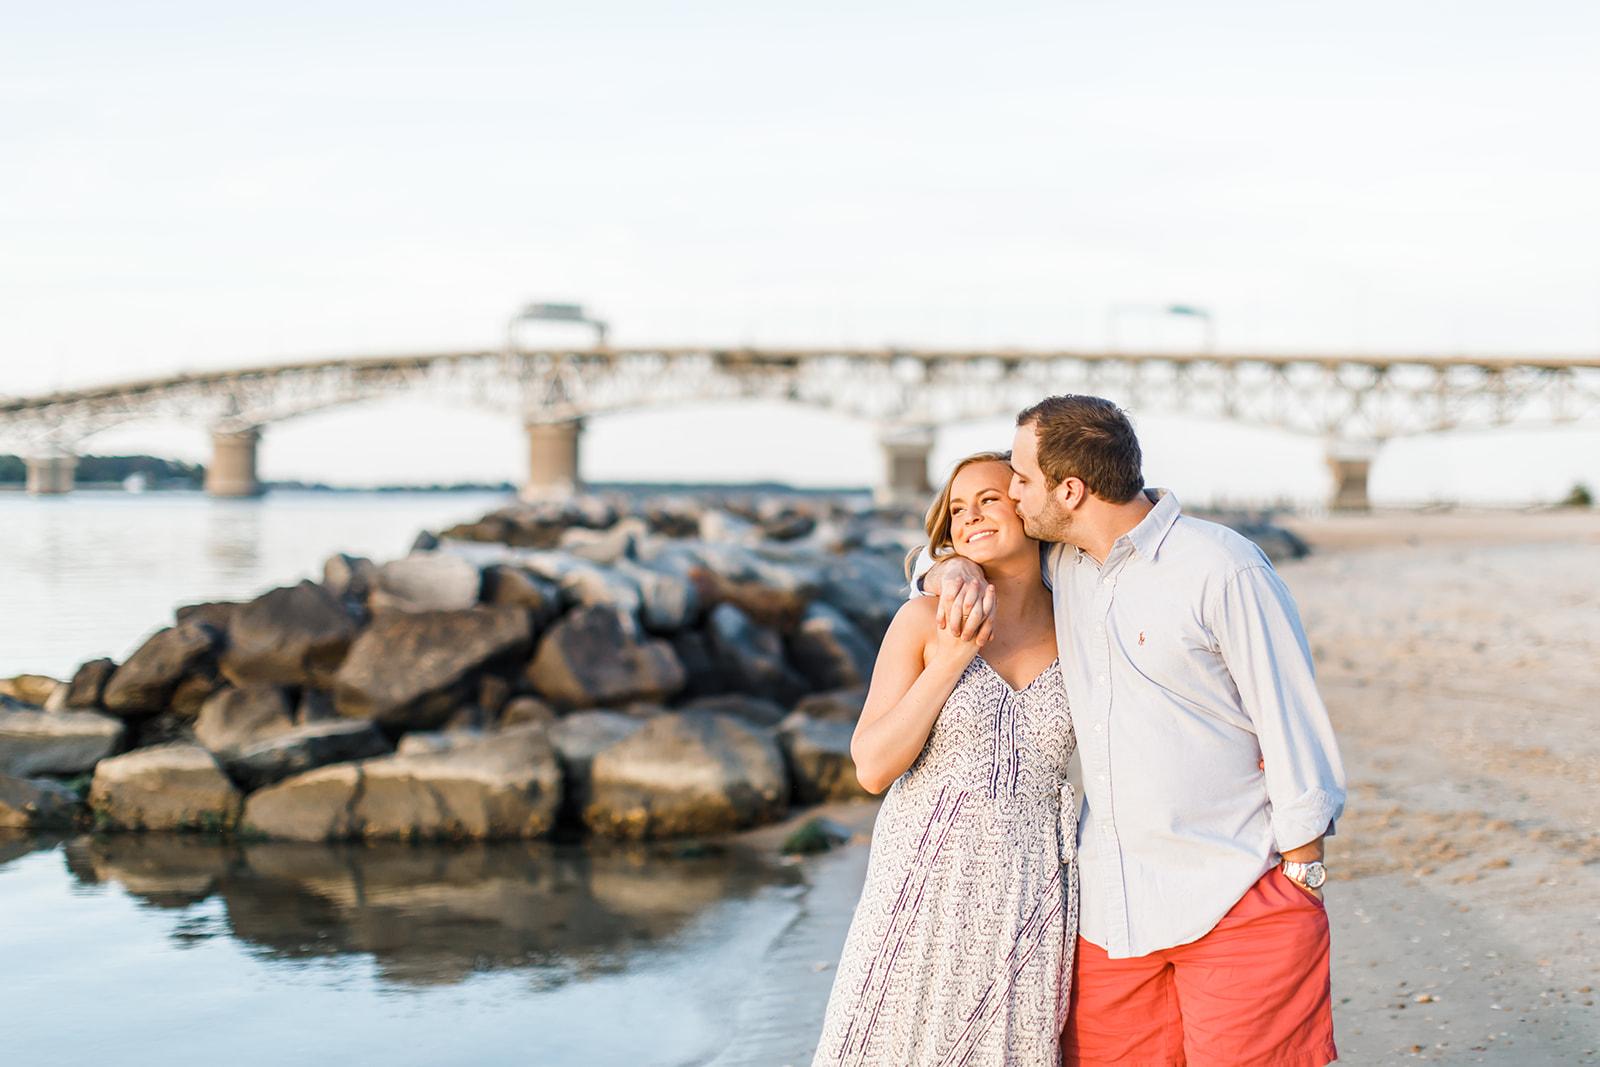 Heather & Trey, Engaged